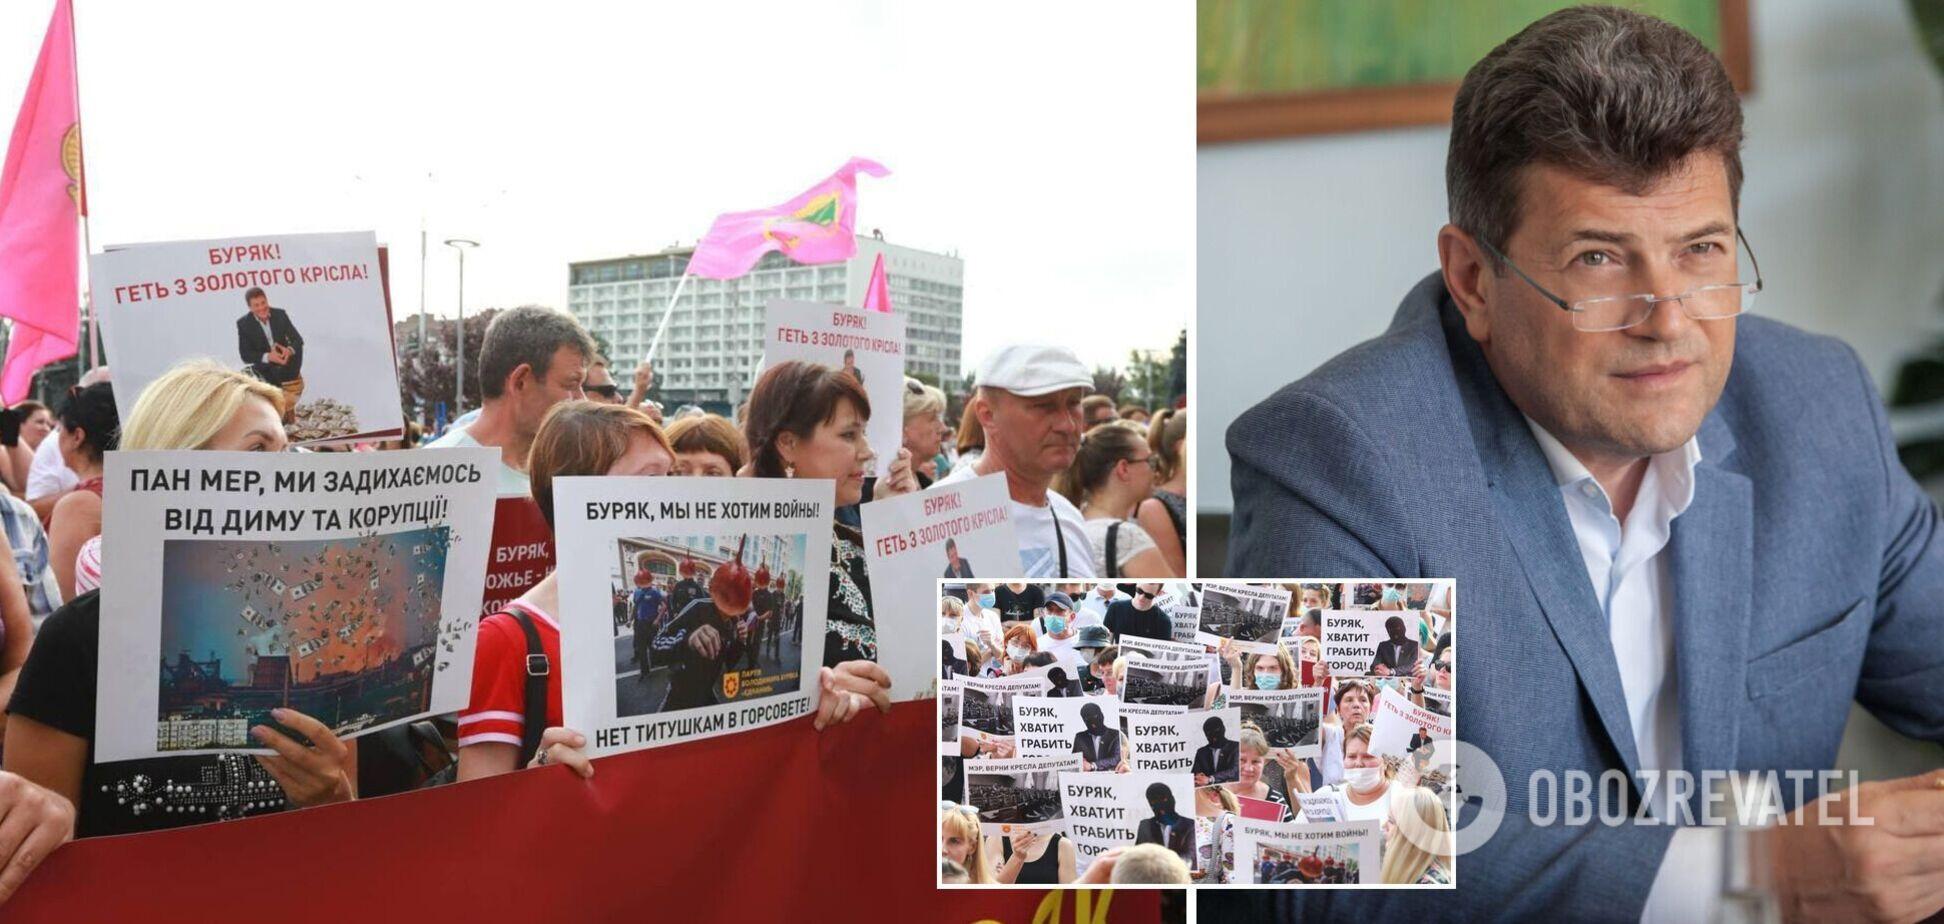 Мэр Запорожья устроил митинг в свою поддержку, но он обернулся акцией протеста: люди призвали не грабить город. Фото